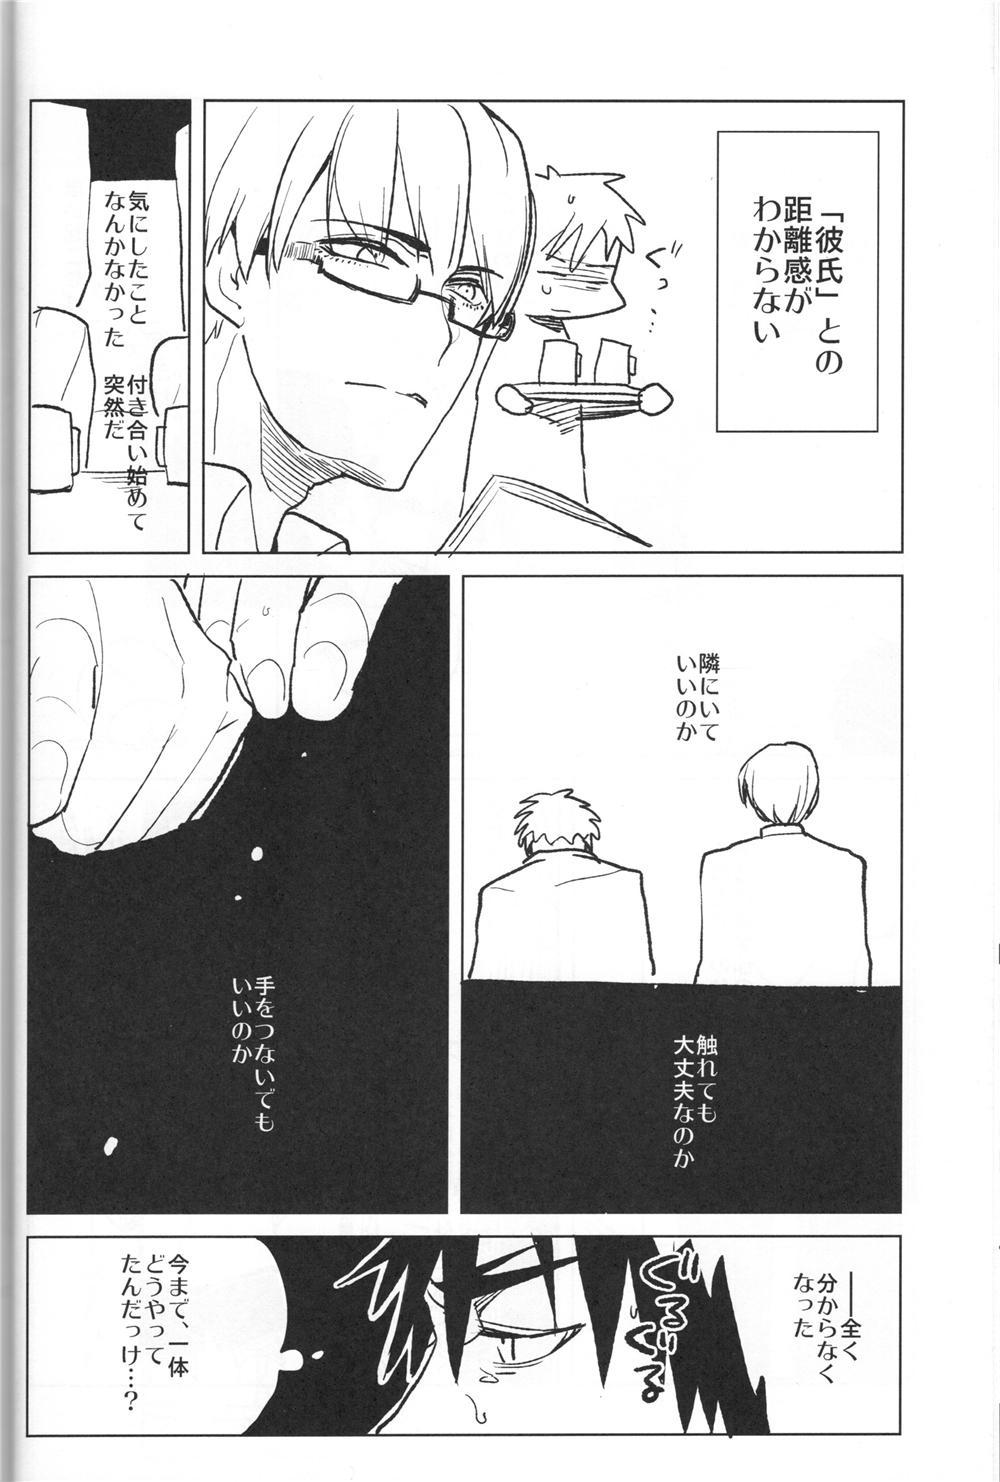 Kaleidoscope Kagami-kun no Erohon 5 26